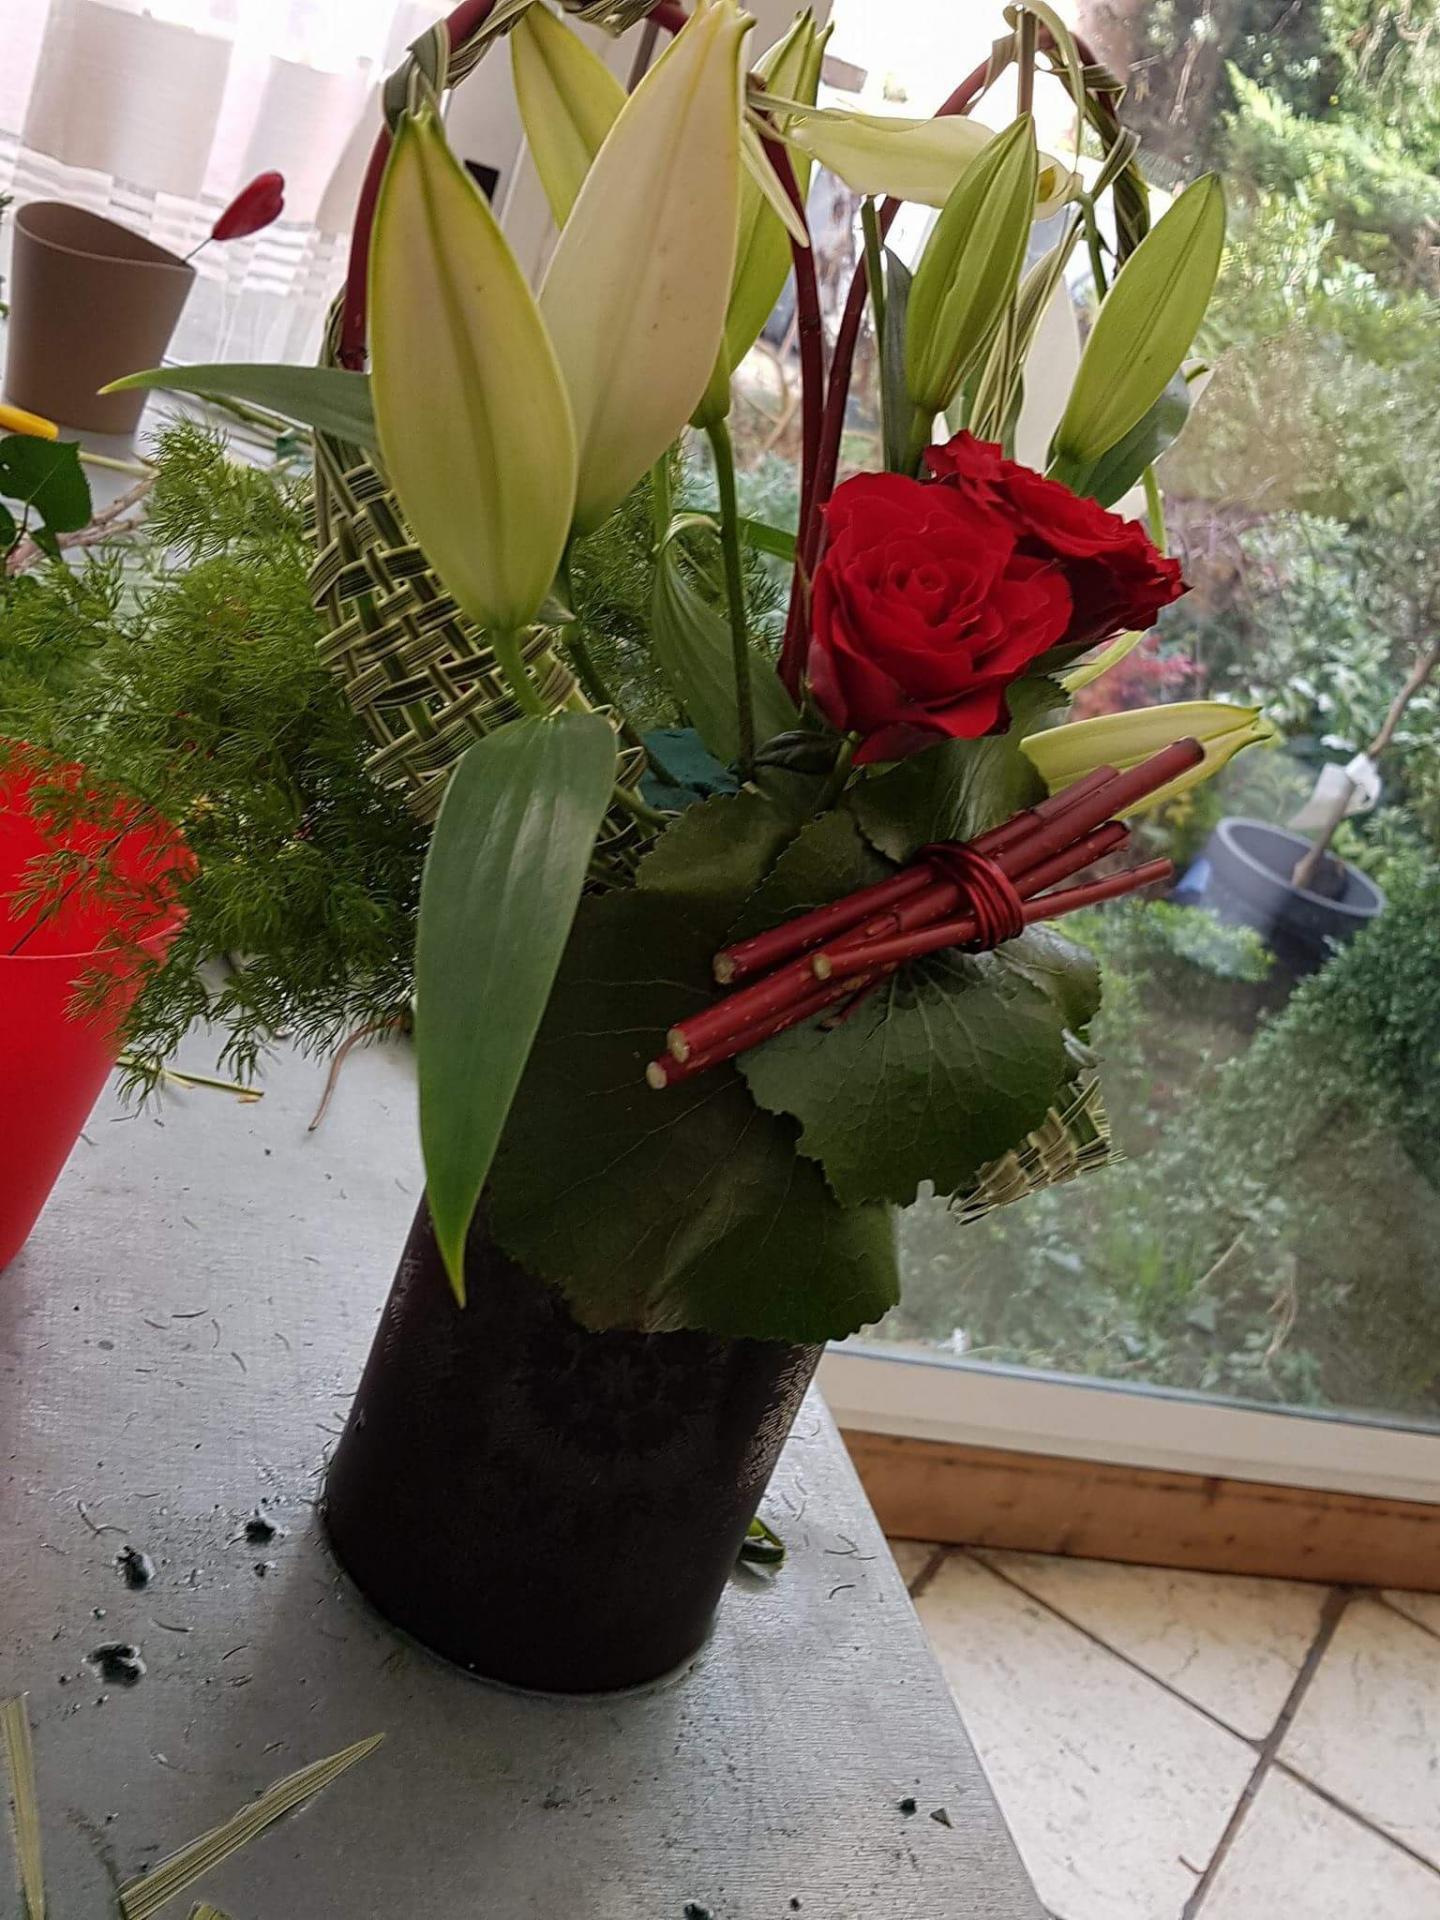 Cours art floral hé fleur et moi Valenciennes fleuriste Valenciennes hainaut nord